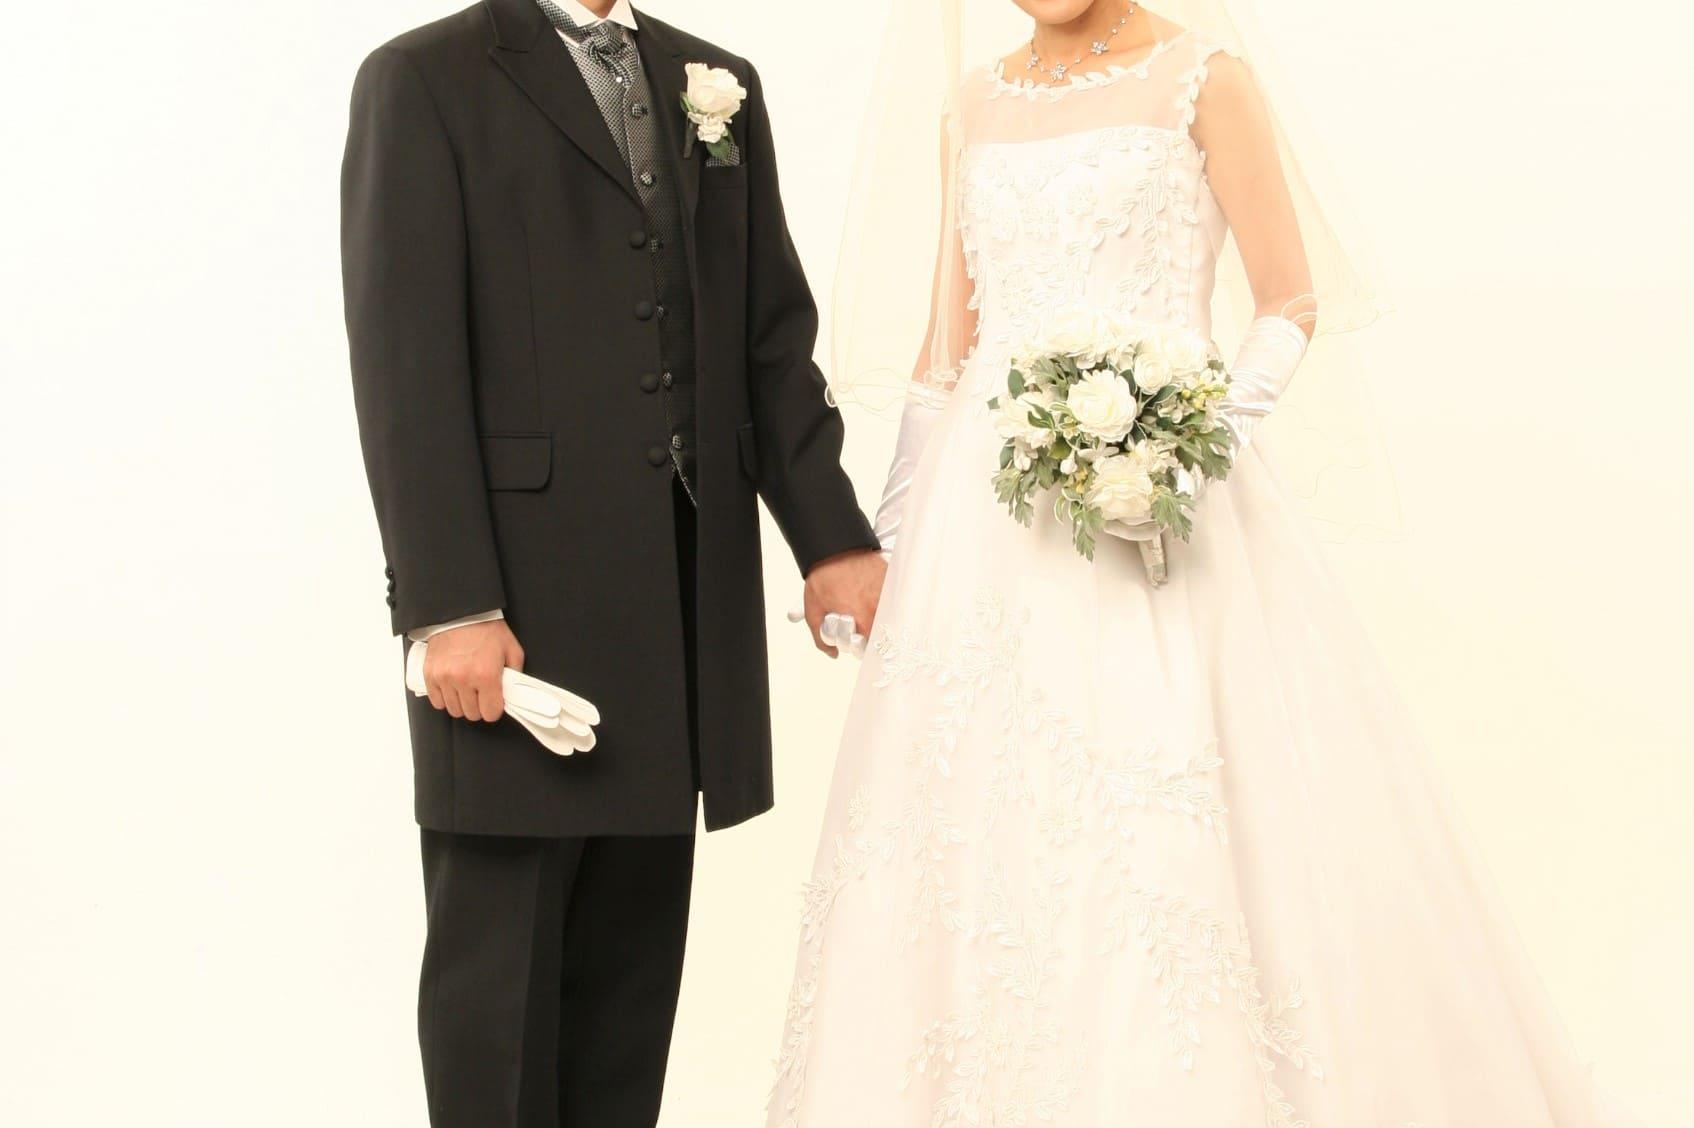 未来の結婚相手占い|あなたが結婚する相手の名前・年齢・外見・職業